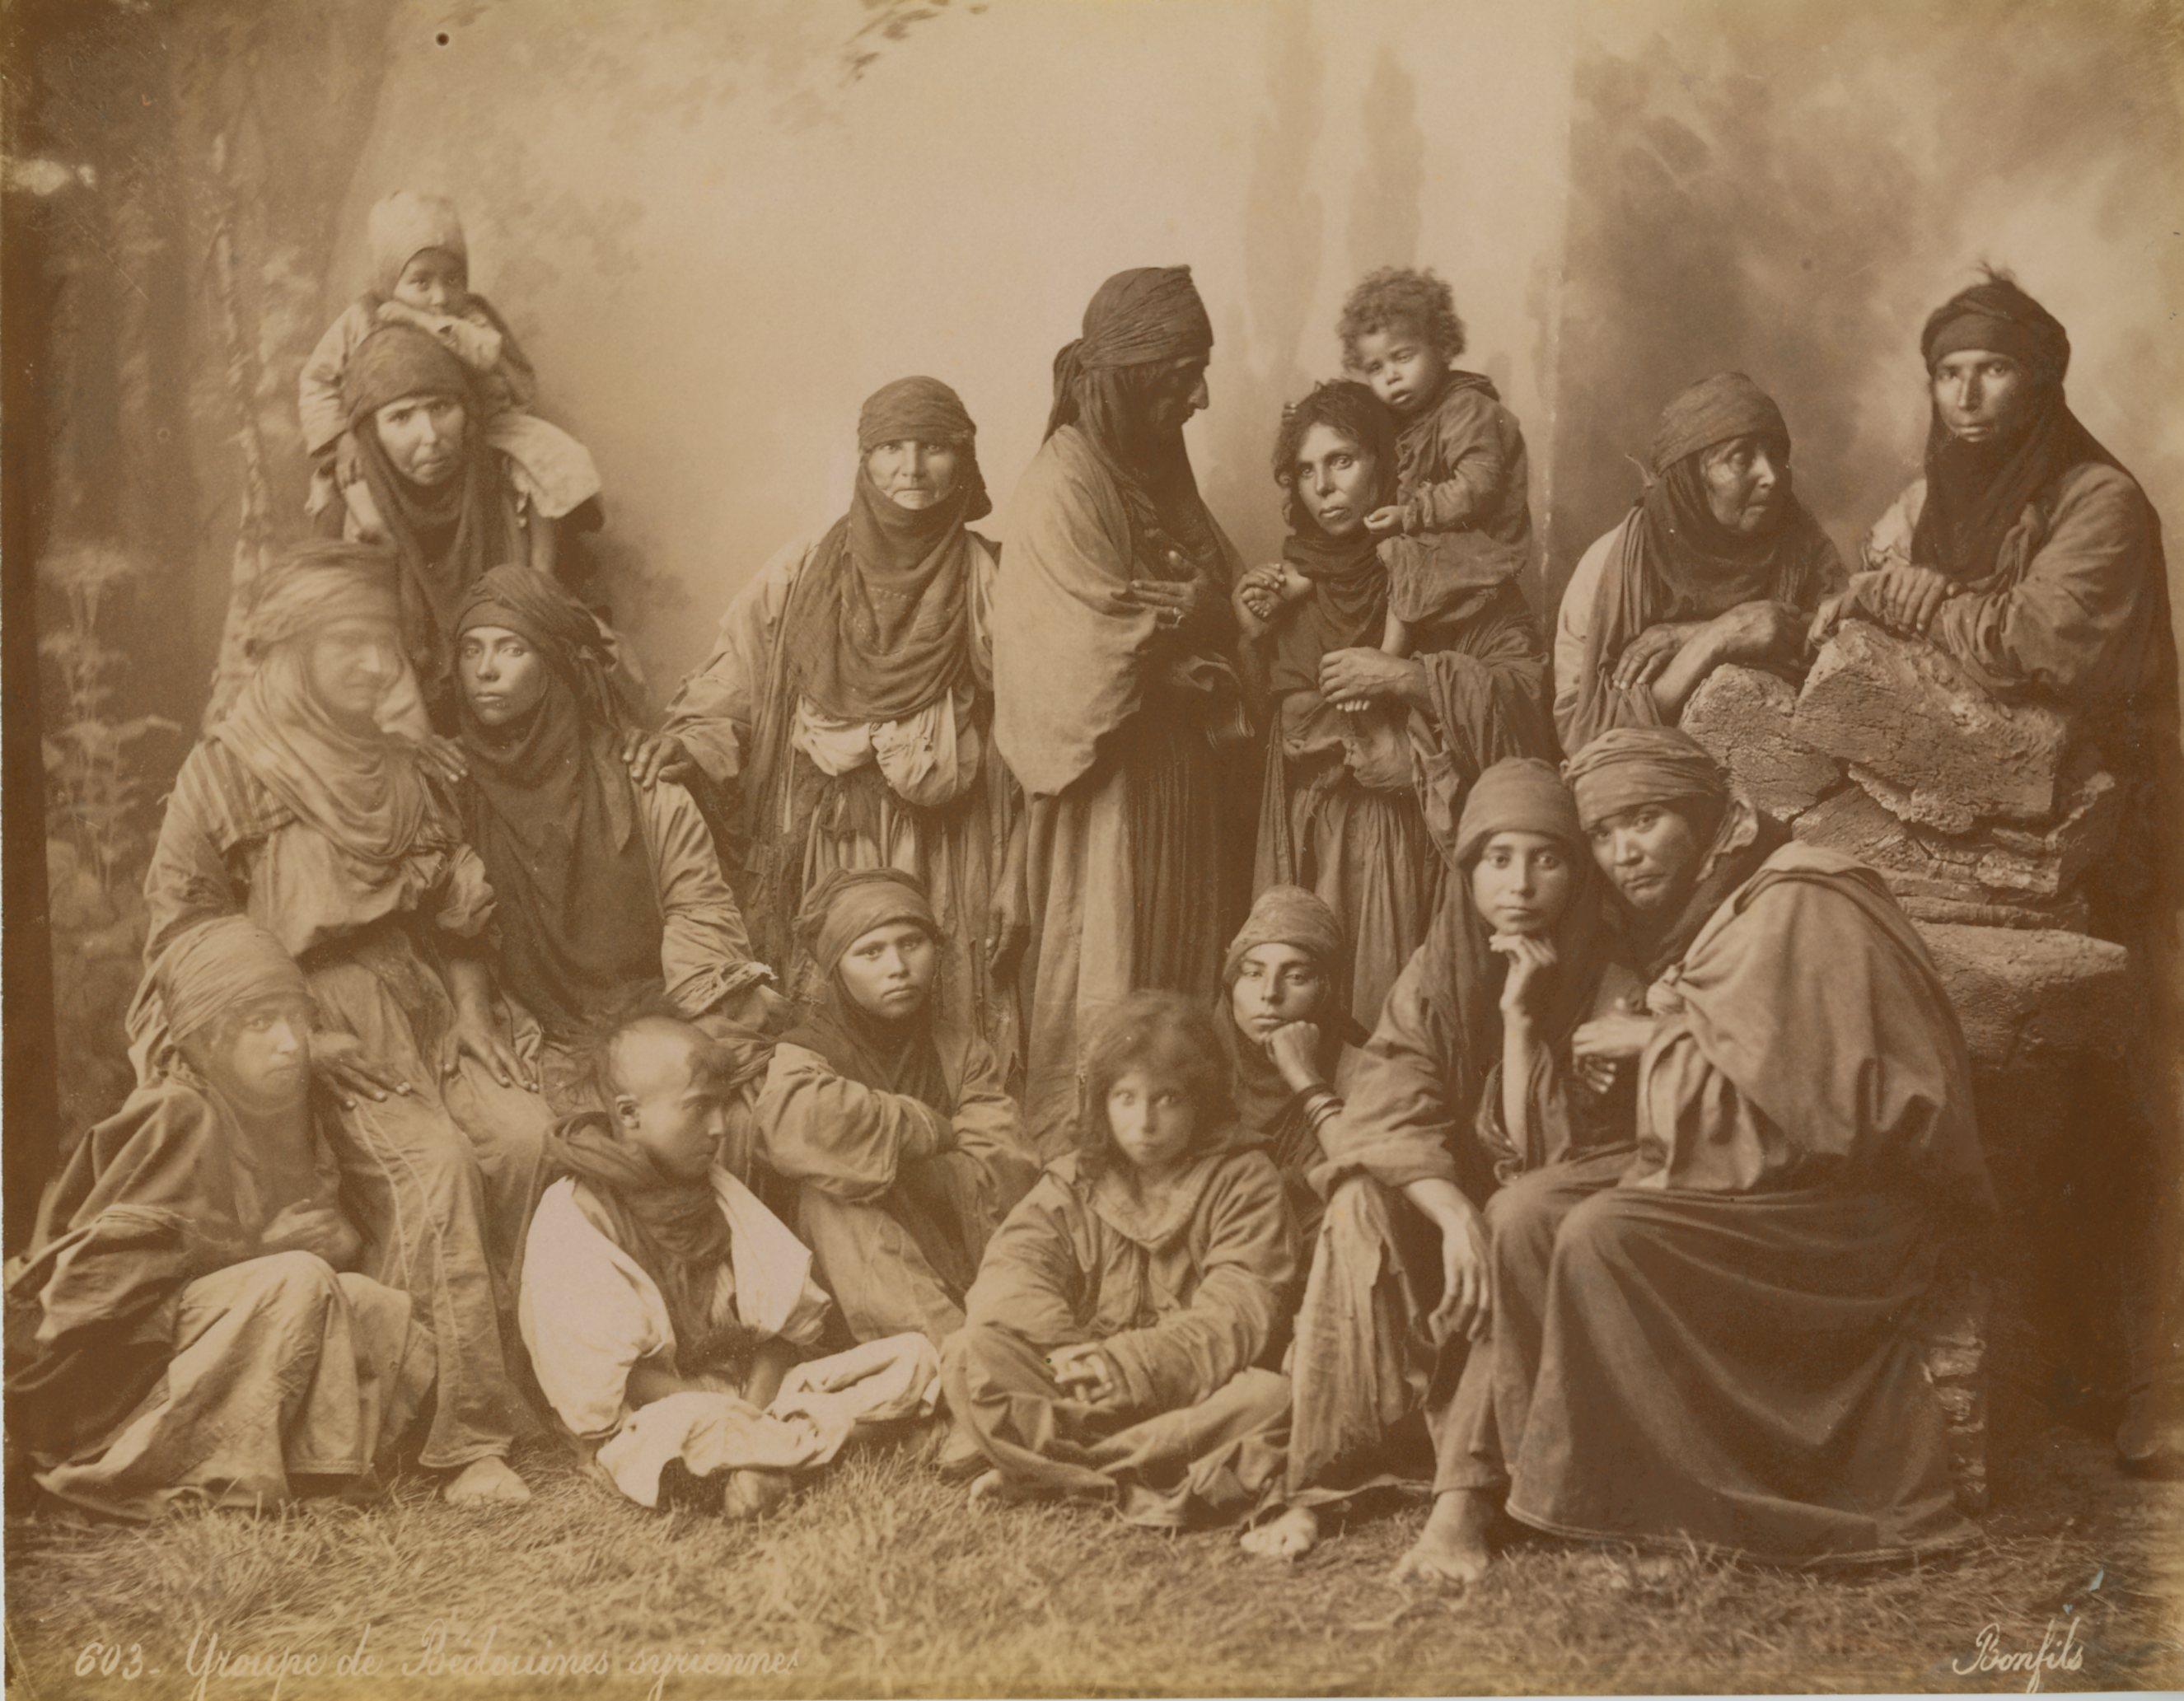 Bonfils, un photographe en Orient - Groupe de bédouines syriennes